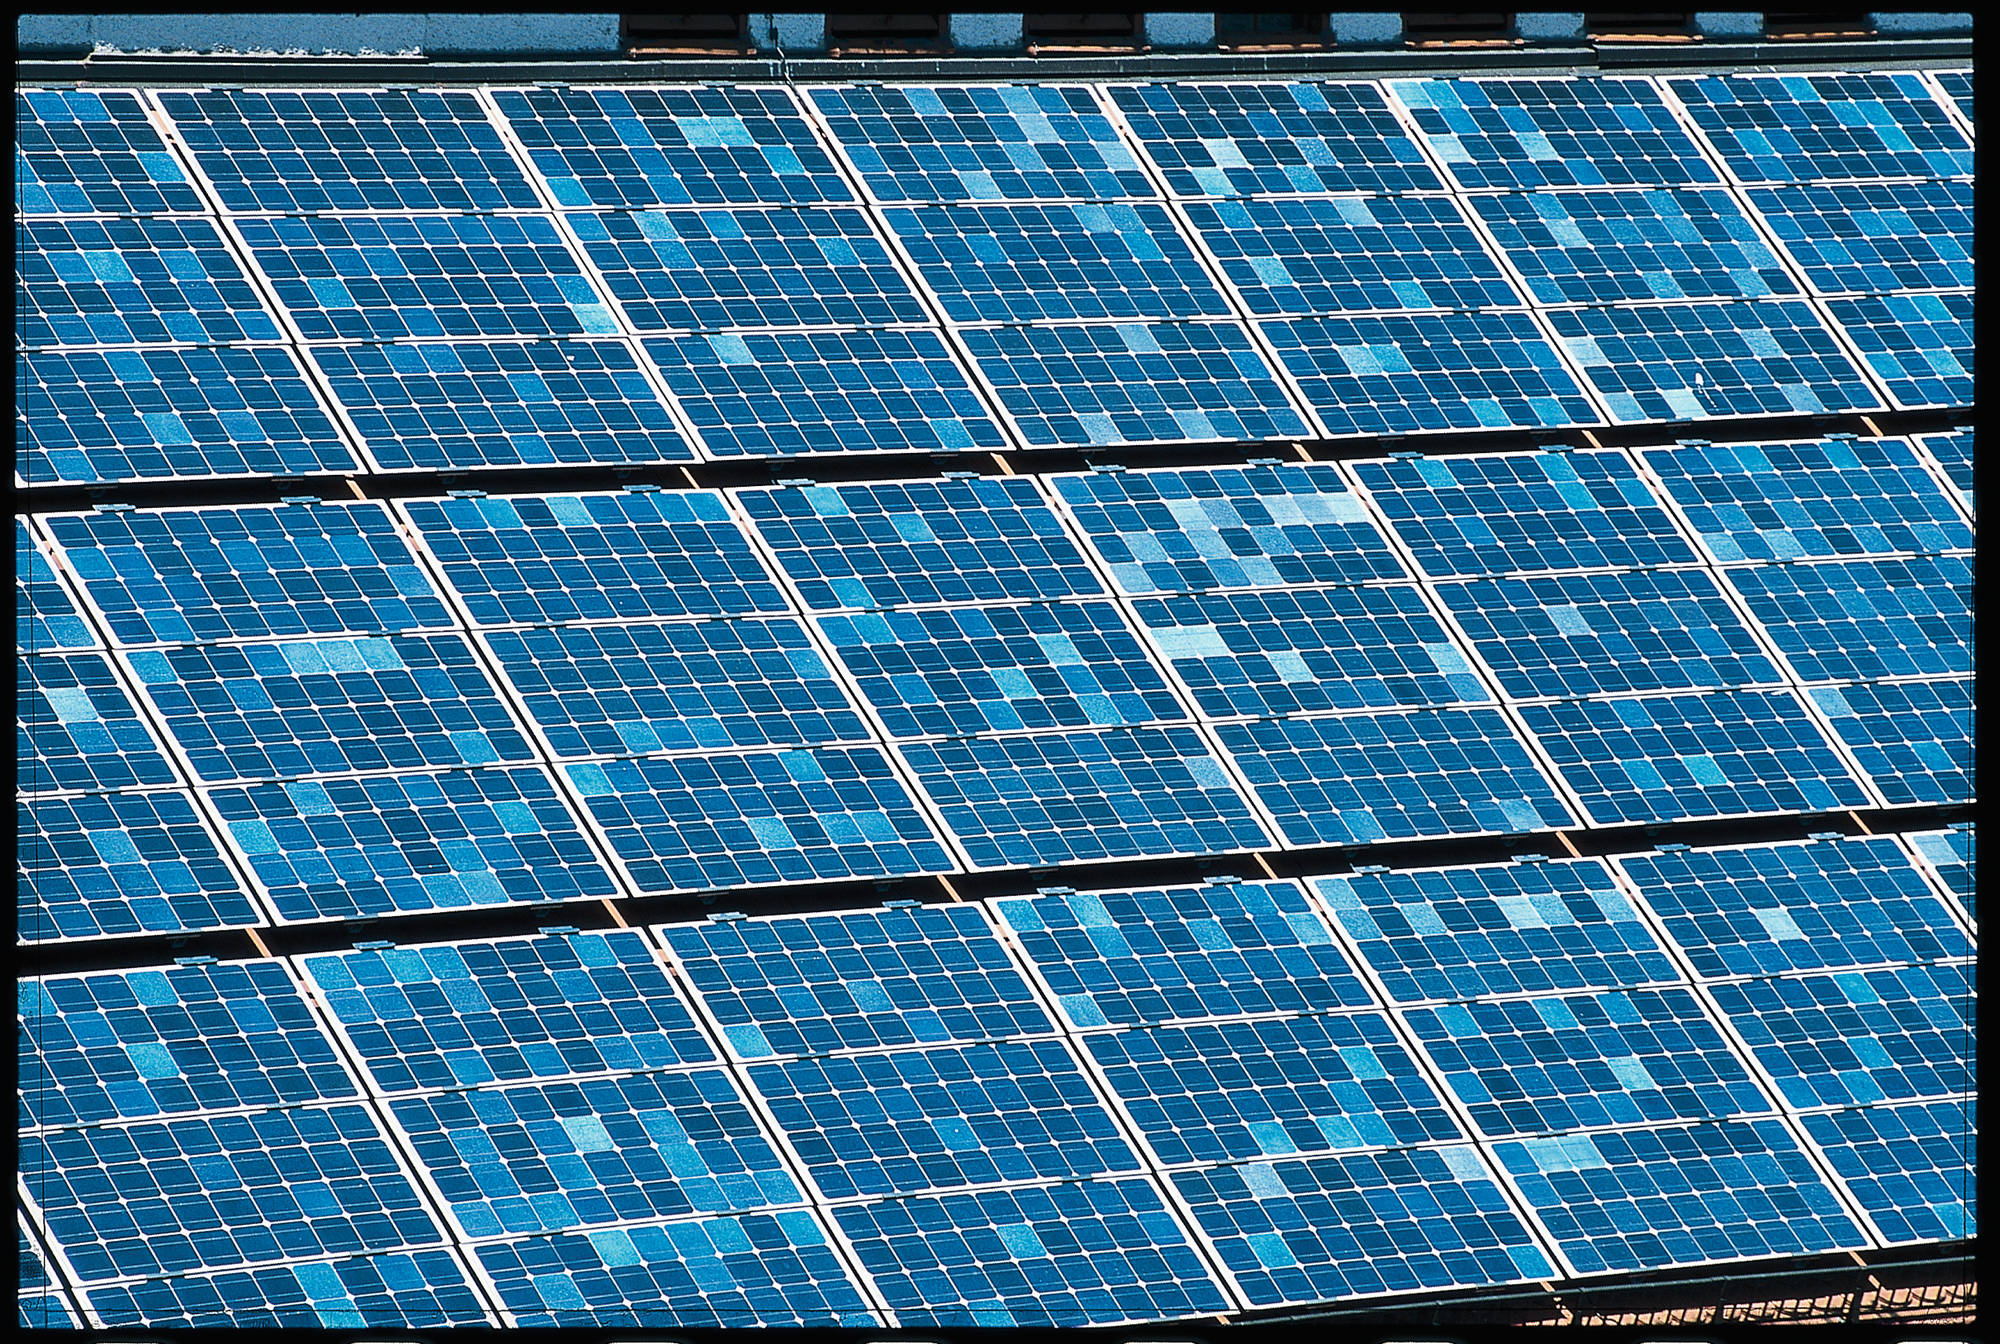 Solarzölle, Solarzoll, Solaranlage (Bild Nr. 8101)